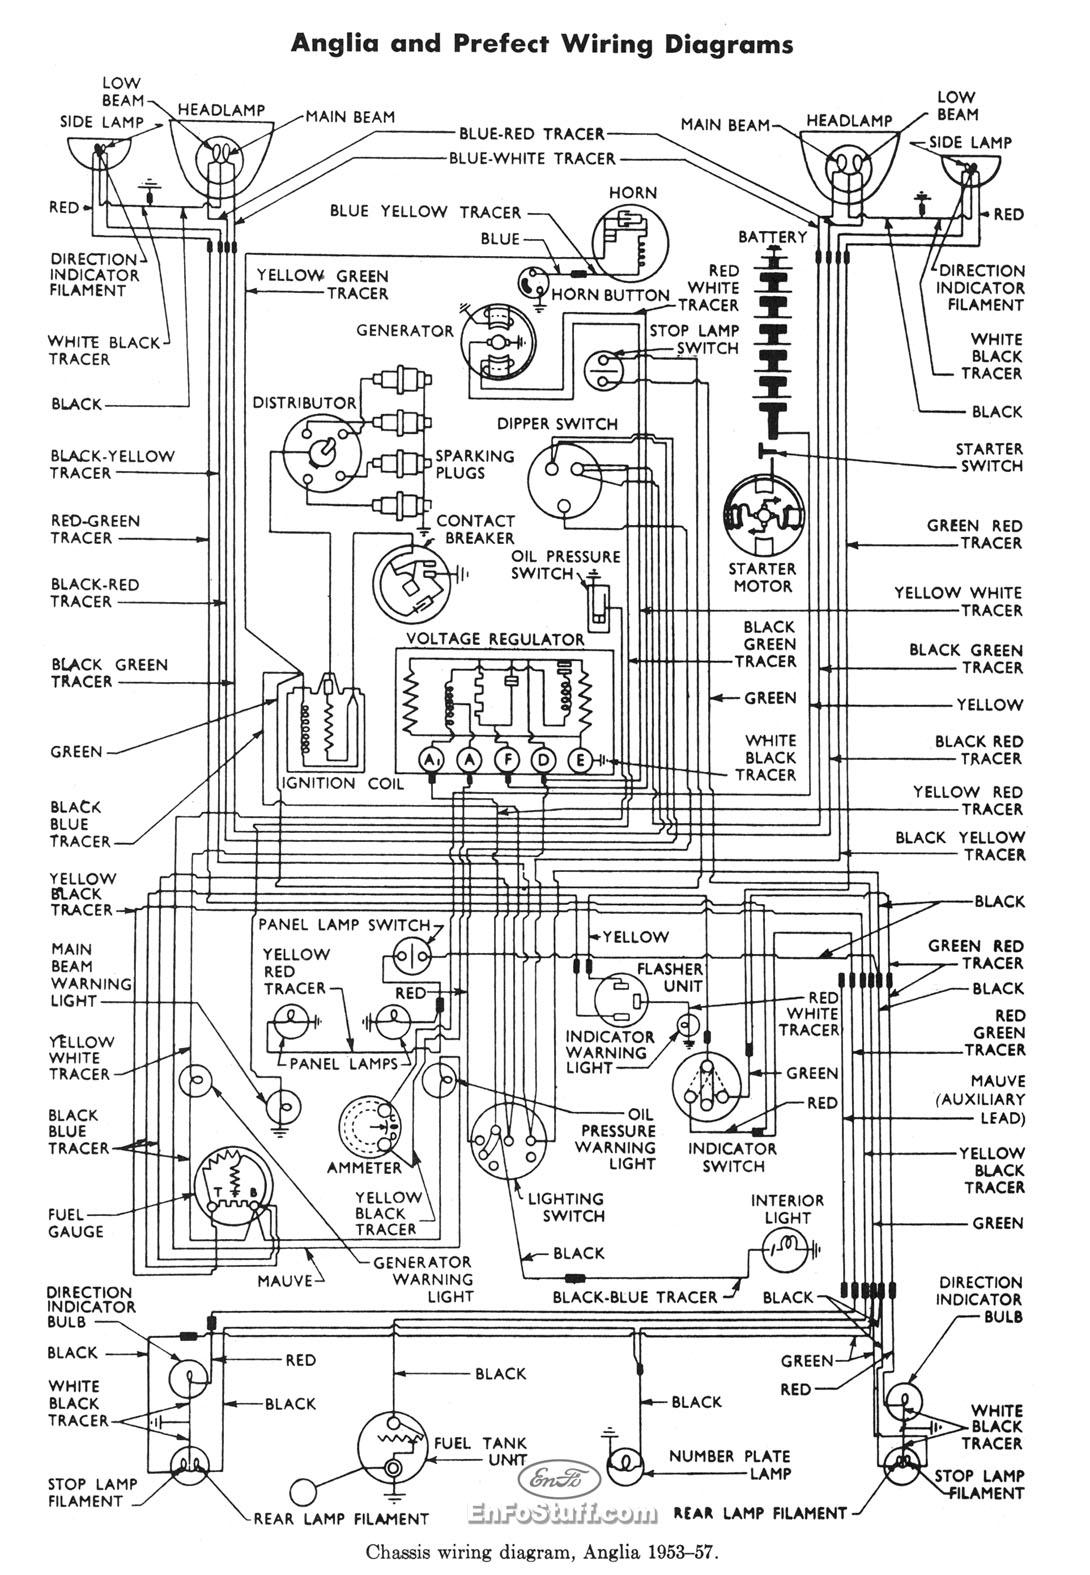 1953 ford f100 wire diagram